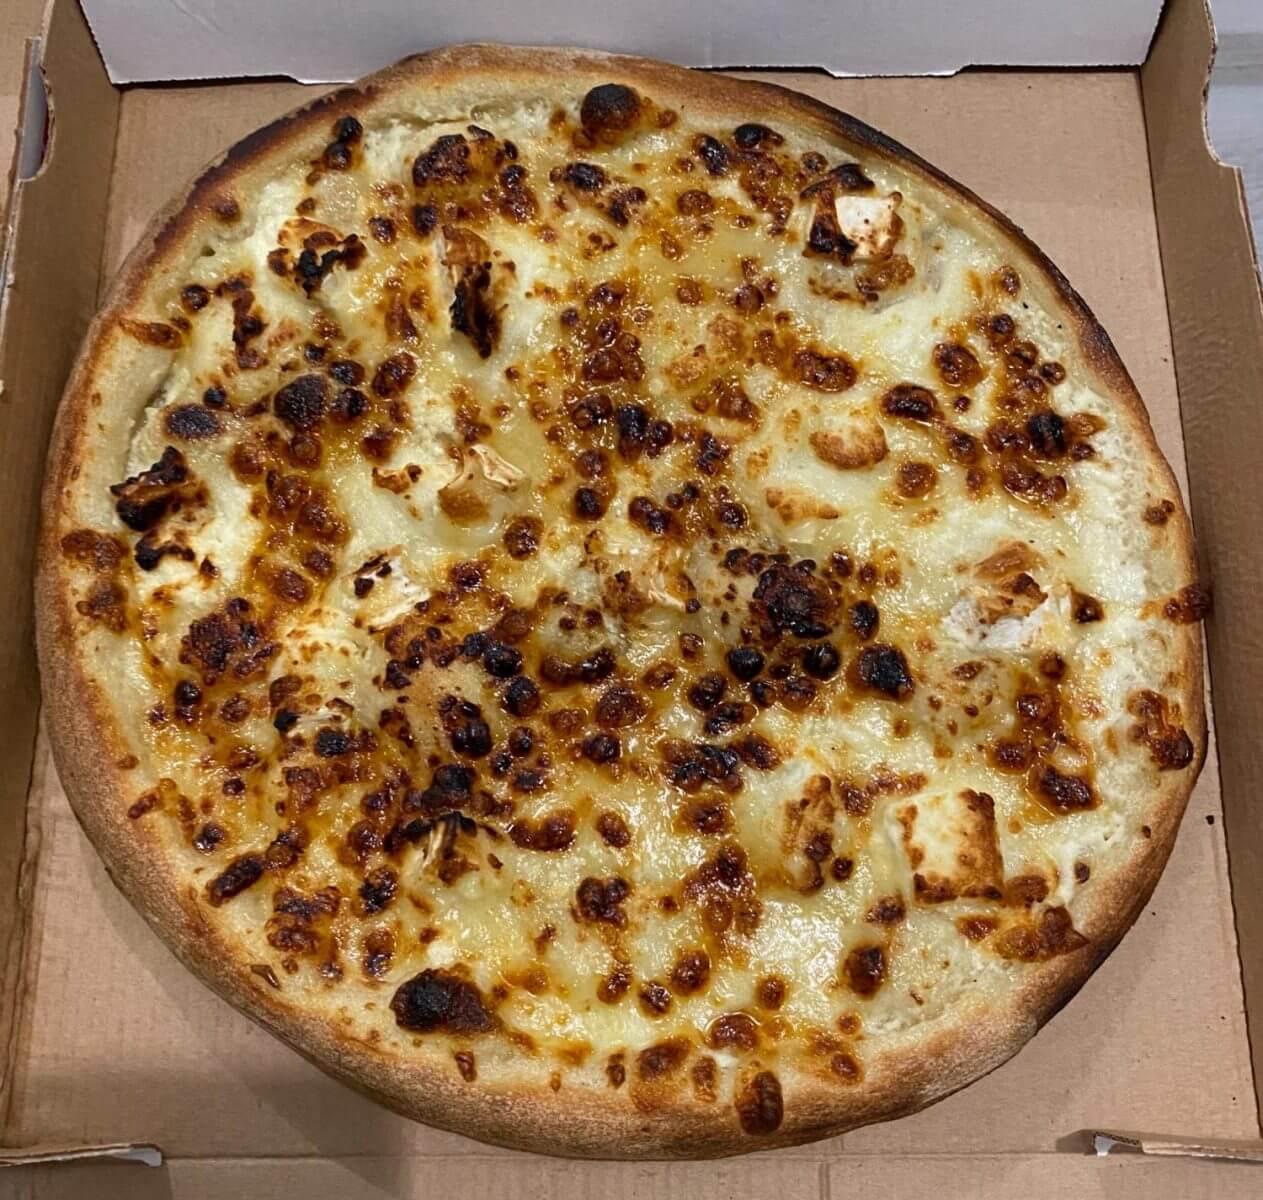 Pizza chèvre miel - Mama Mia - France - Yutz